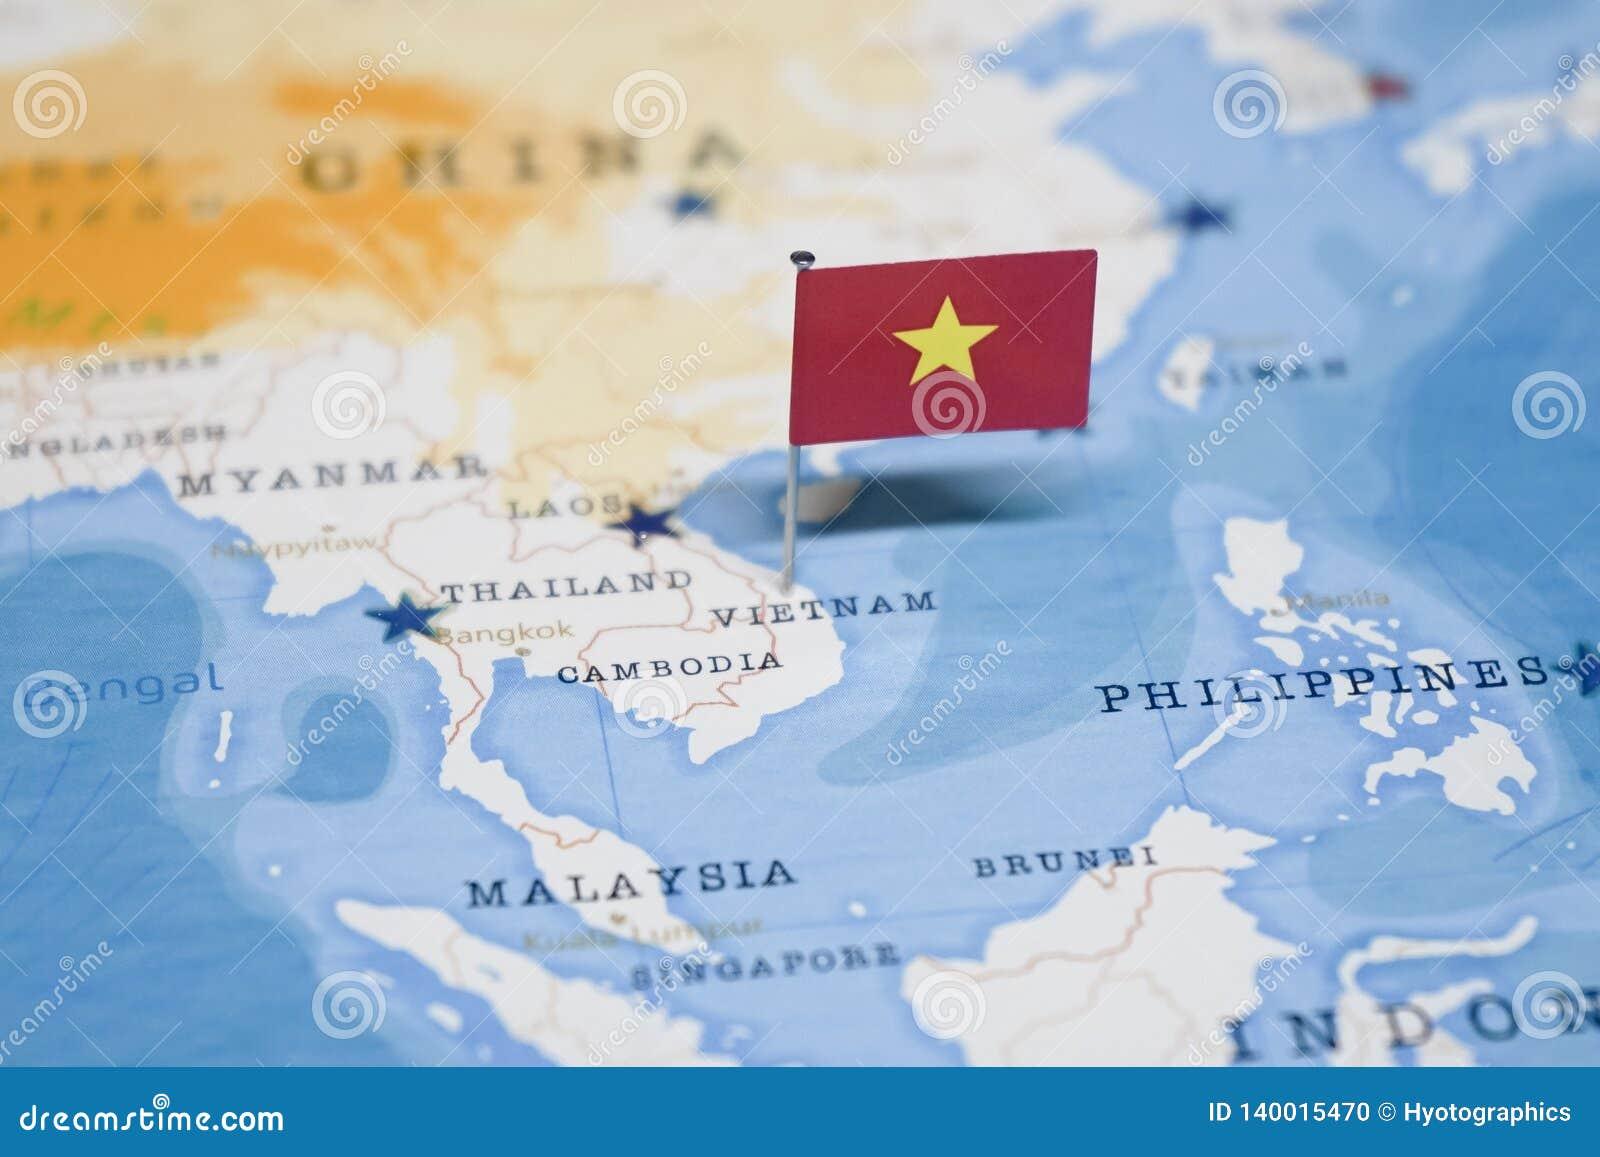 Флаг карты Вьетнама в мире